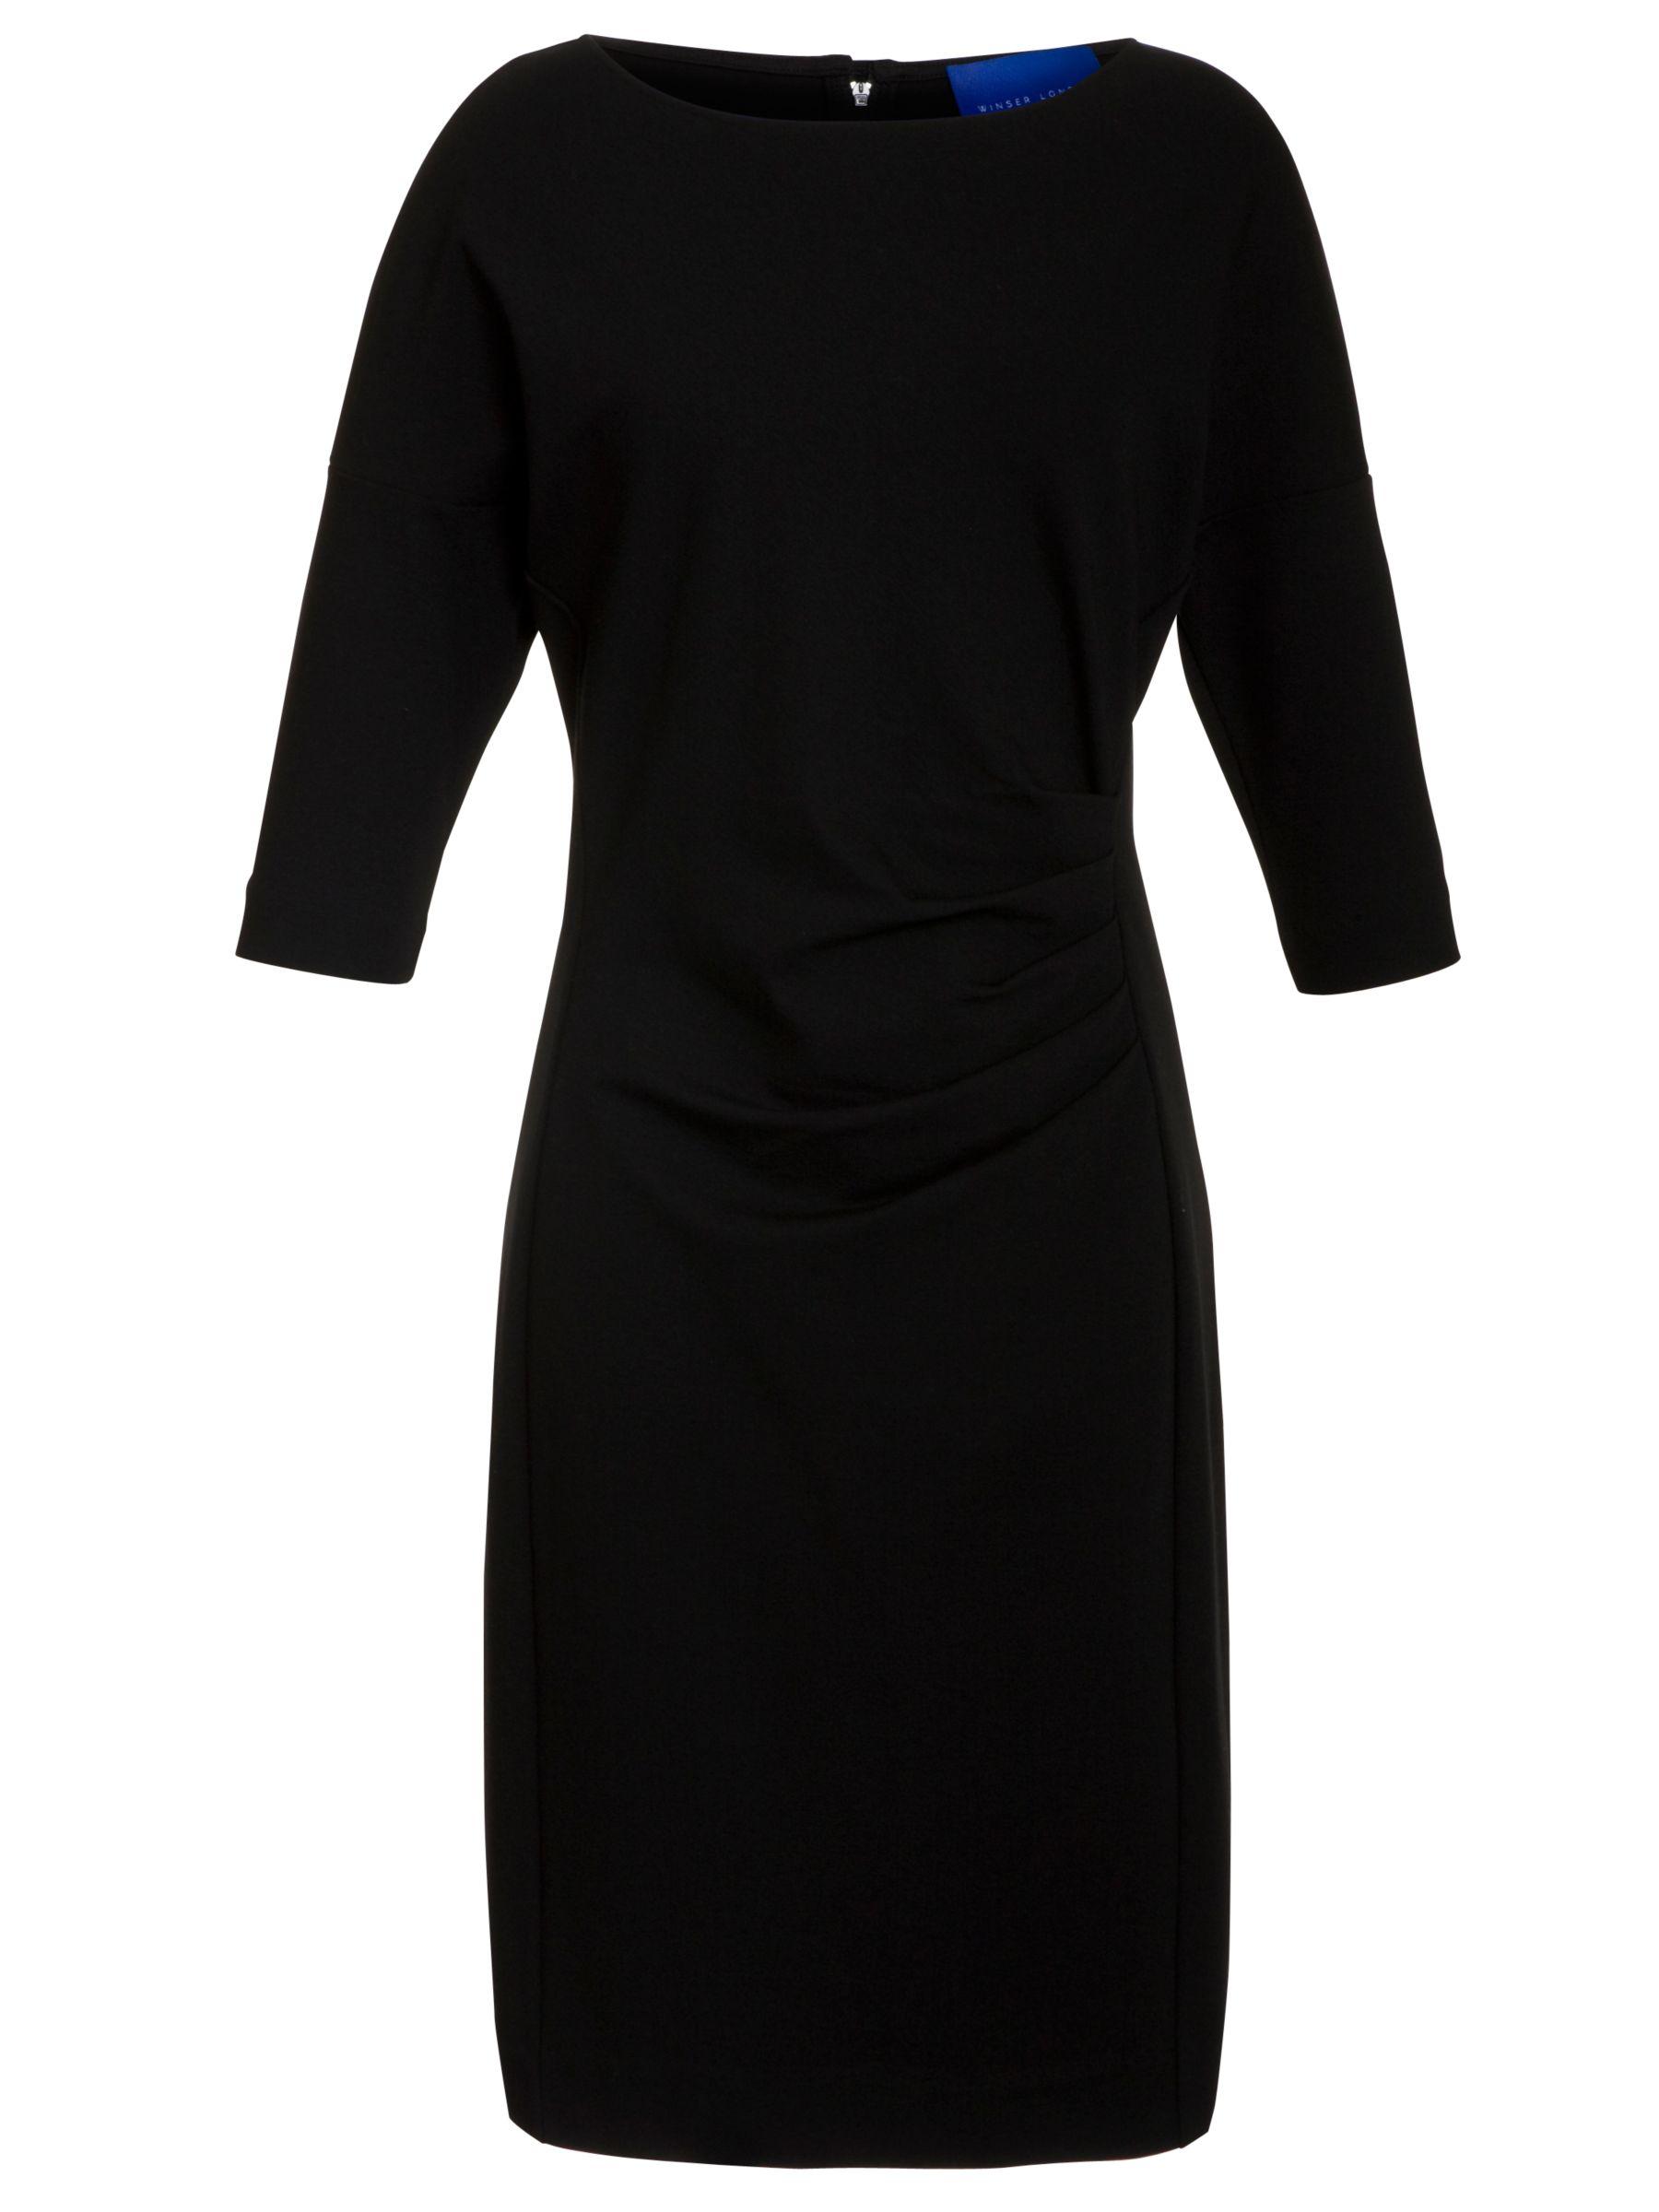 winser round neck miracle dress, winser, round, neck, miracle, dress, midnight navy|black|black|black|midnight navy|black|black|midnight navy|midnight navy|midnight navy, 8|16|14|10|10|12|8|14|16|12, women, womens dresses, 1093358